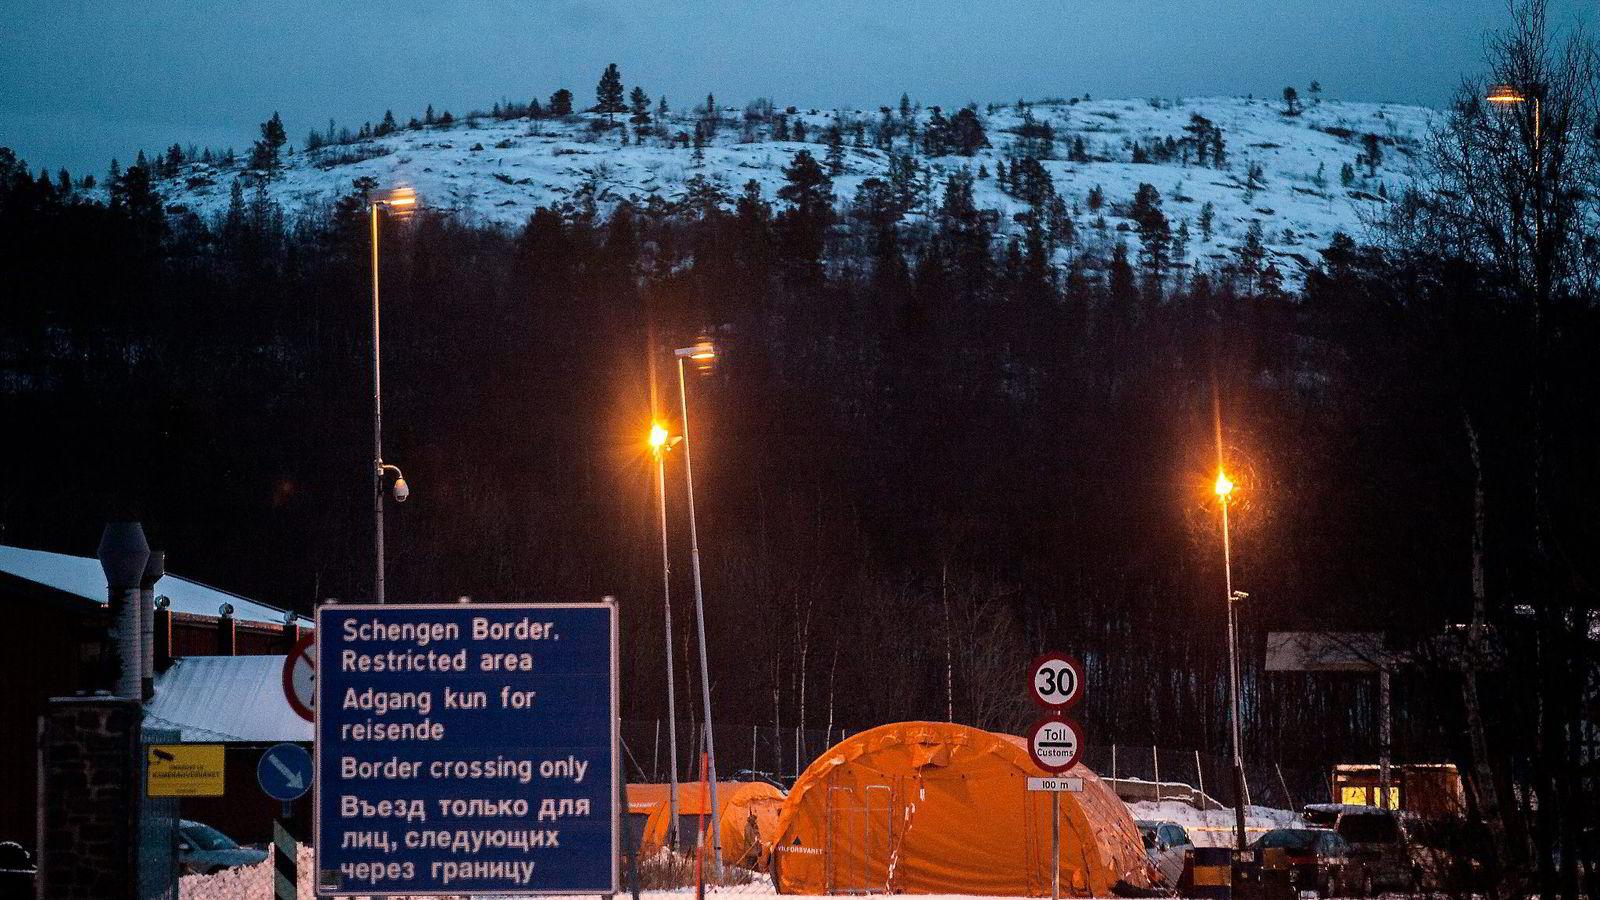 Både KrF og Venstre er mot å bygge et 200 meter langt gjerde langs det som er en forsvinnende liten andel av vår nesten 200 kilometer lange grense mot Russland, skriver artikkelforfatterne.